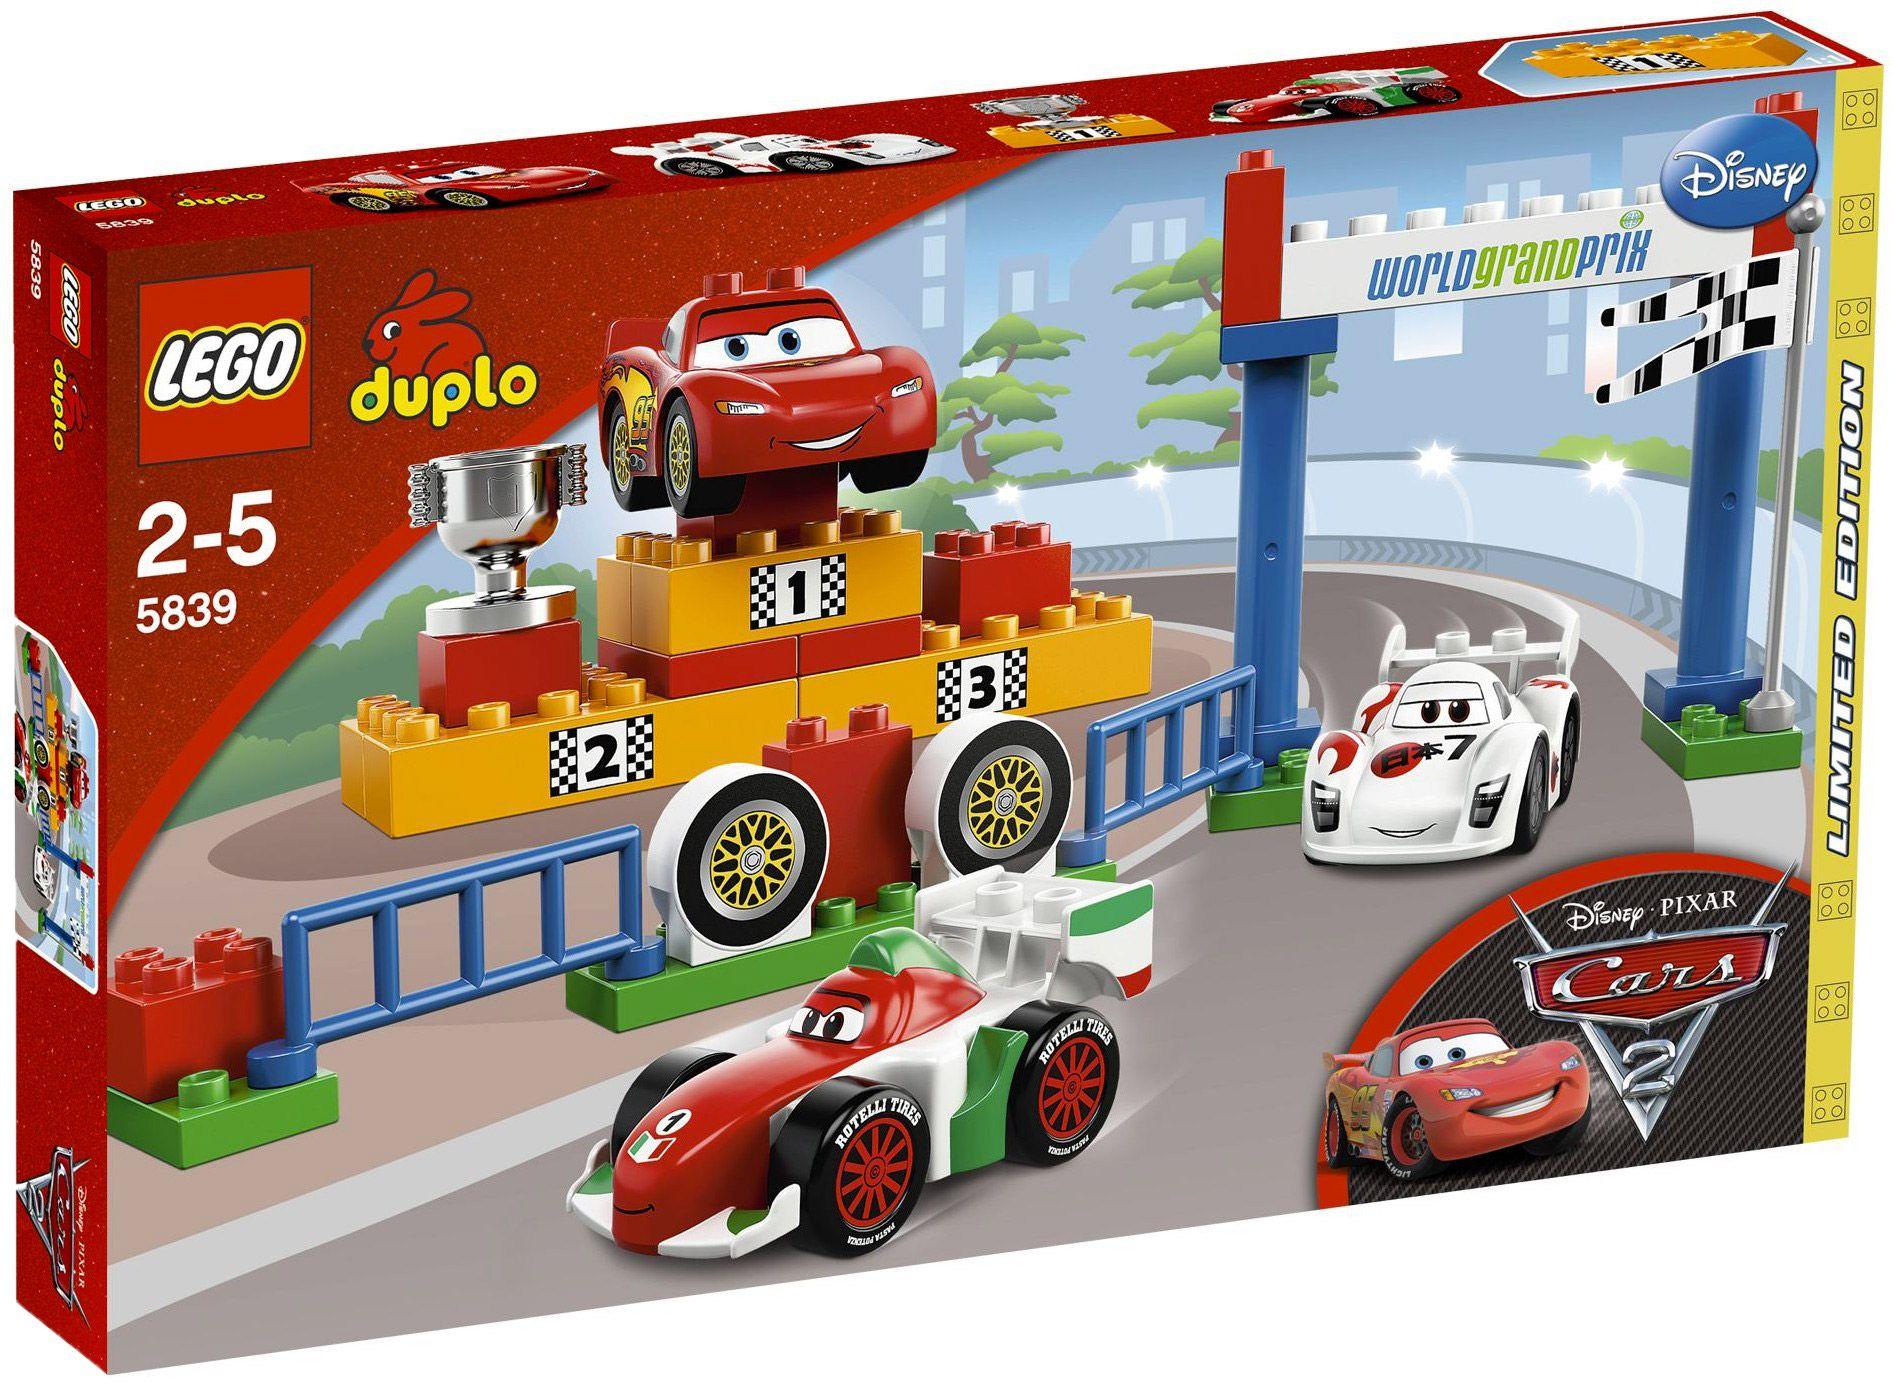 LEGO Duplo 5839 pas cher, Le Grand Prix Idées lego, Lego